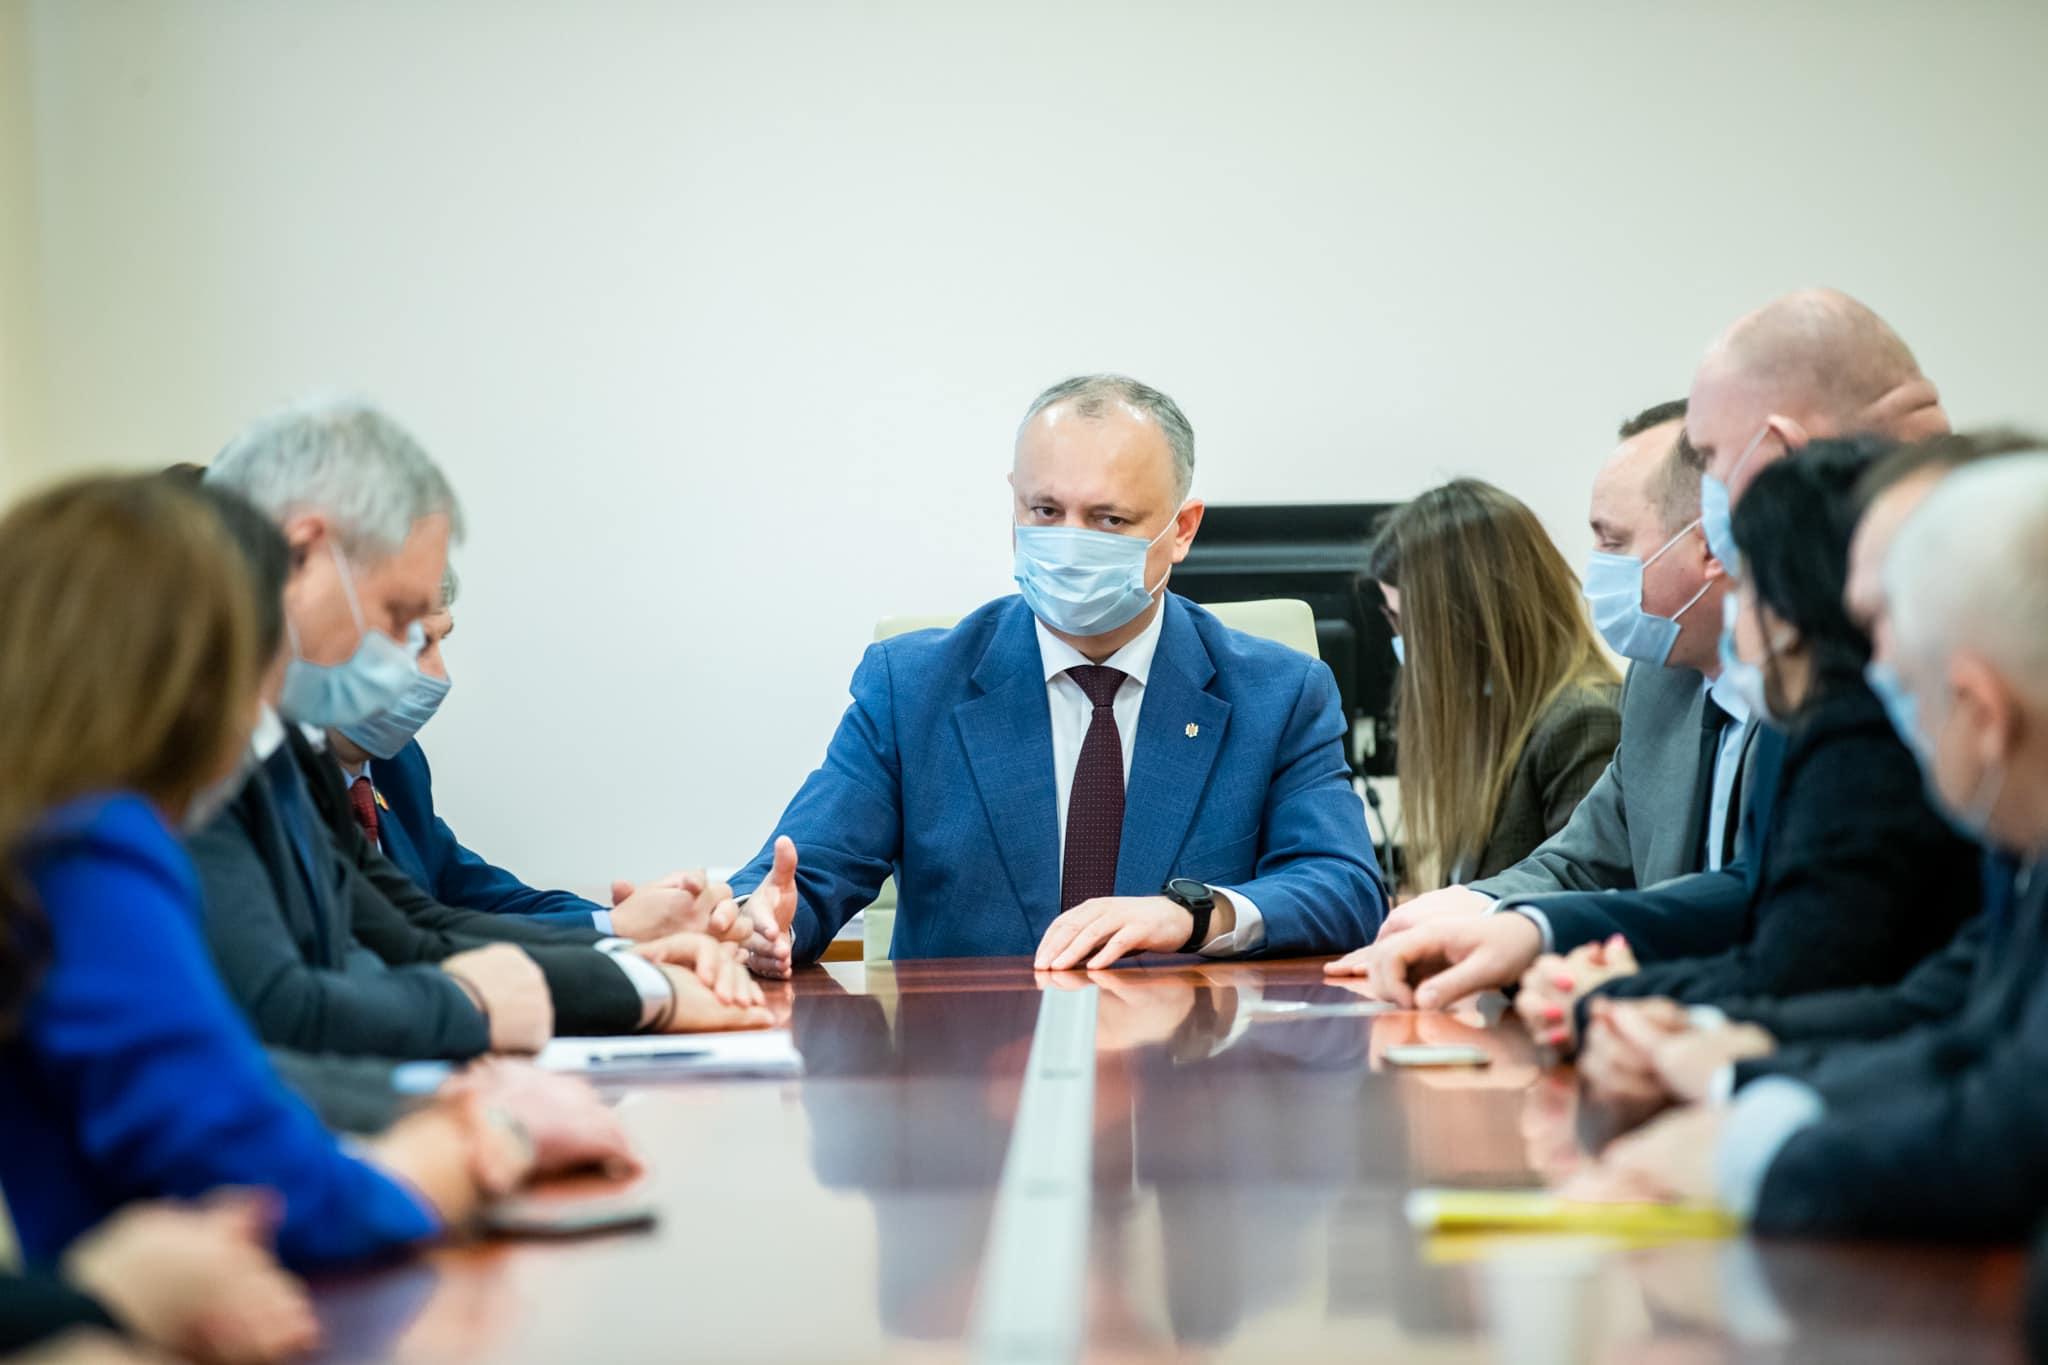 ПСРМ инициирует отставку трёх судей Конституционного суда, узурпировавших КС в интересах Санду